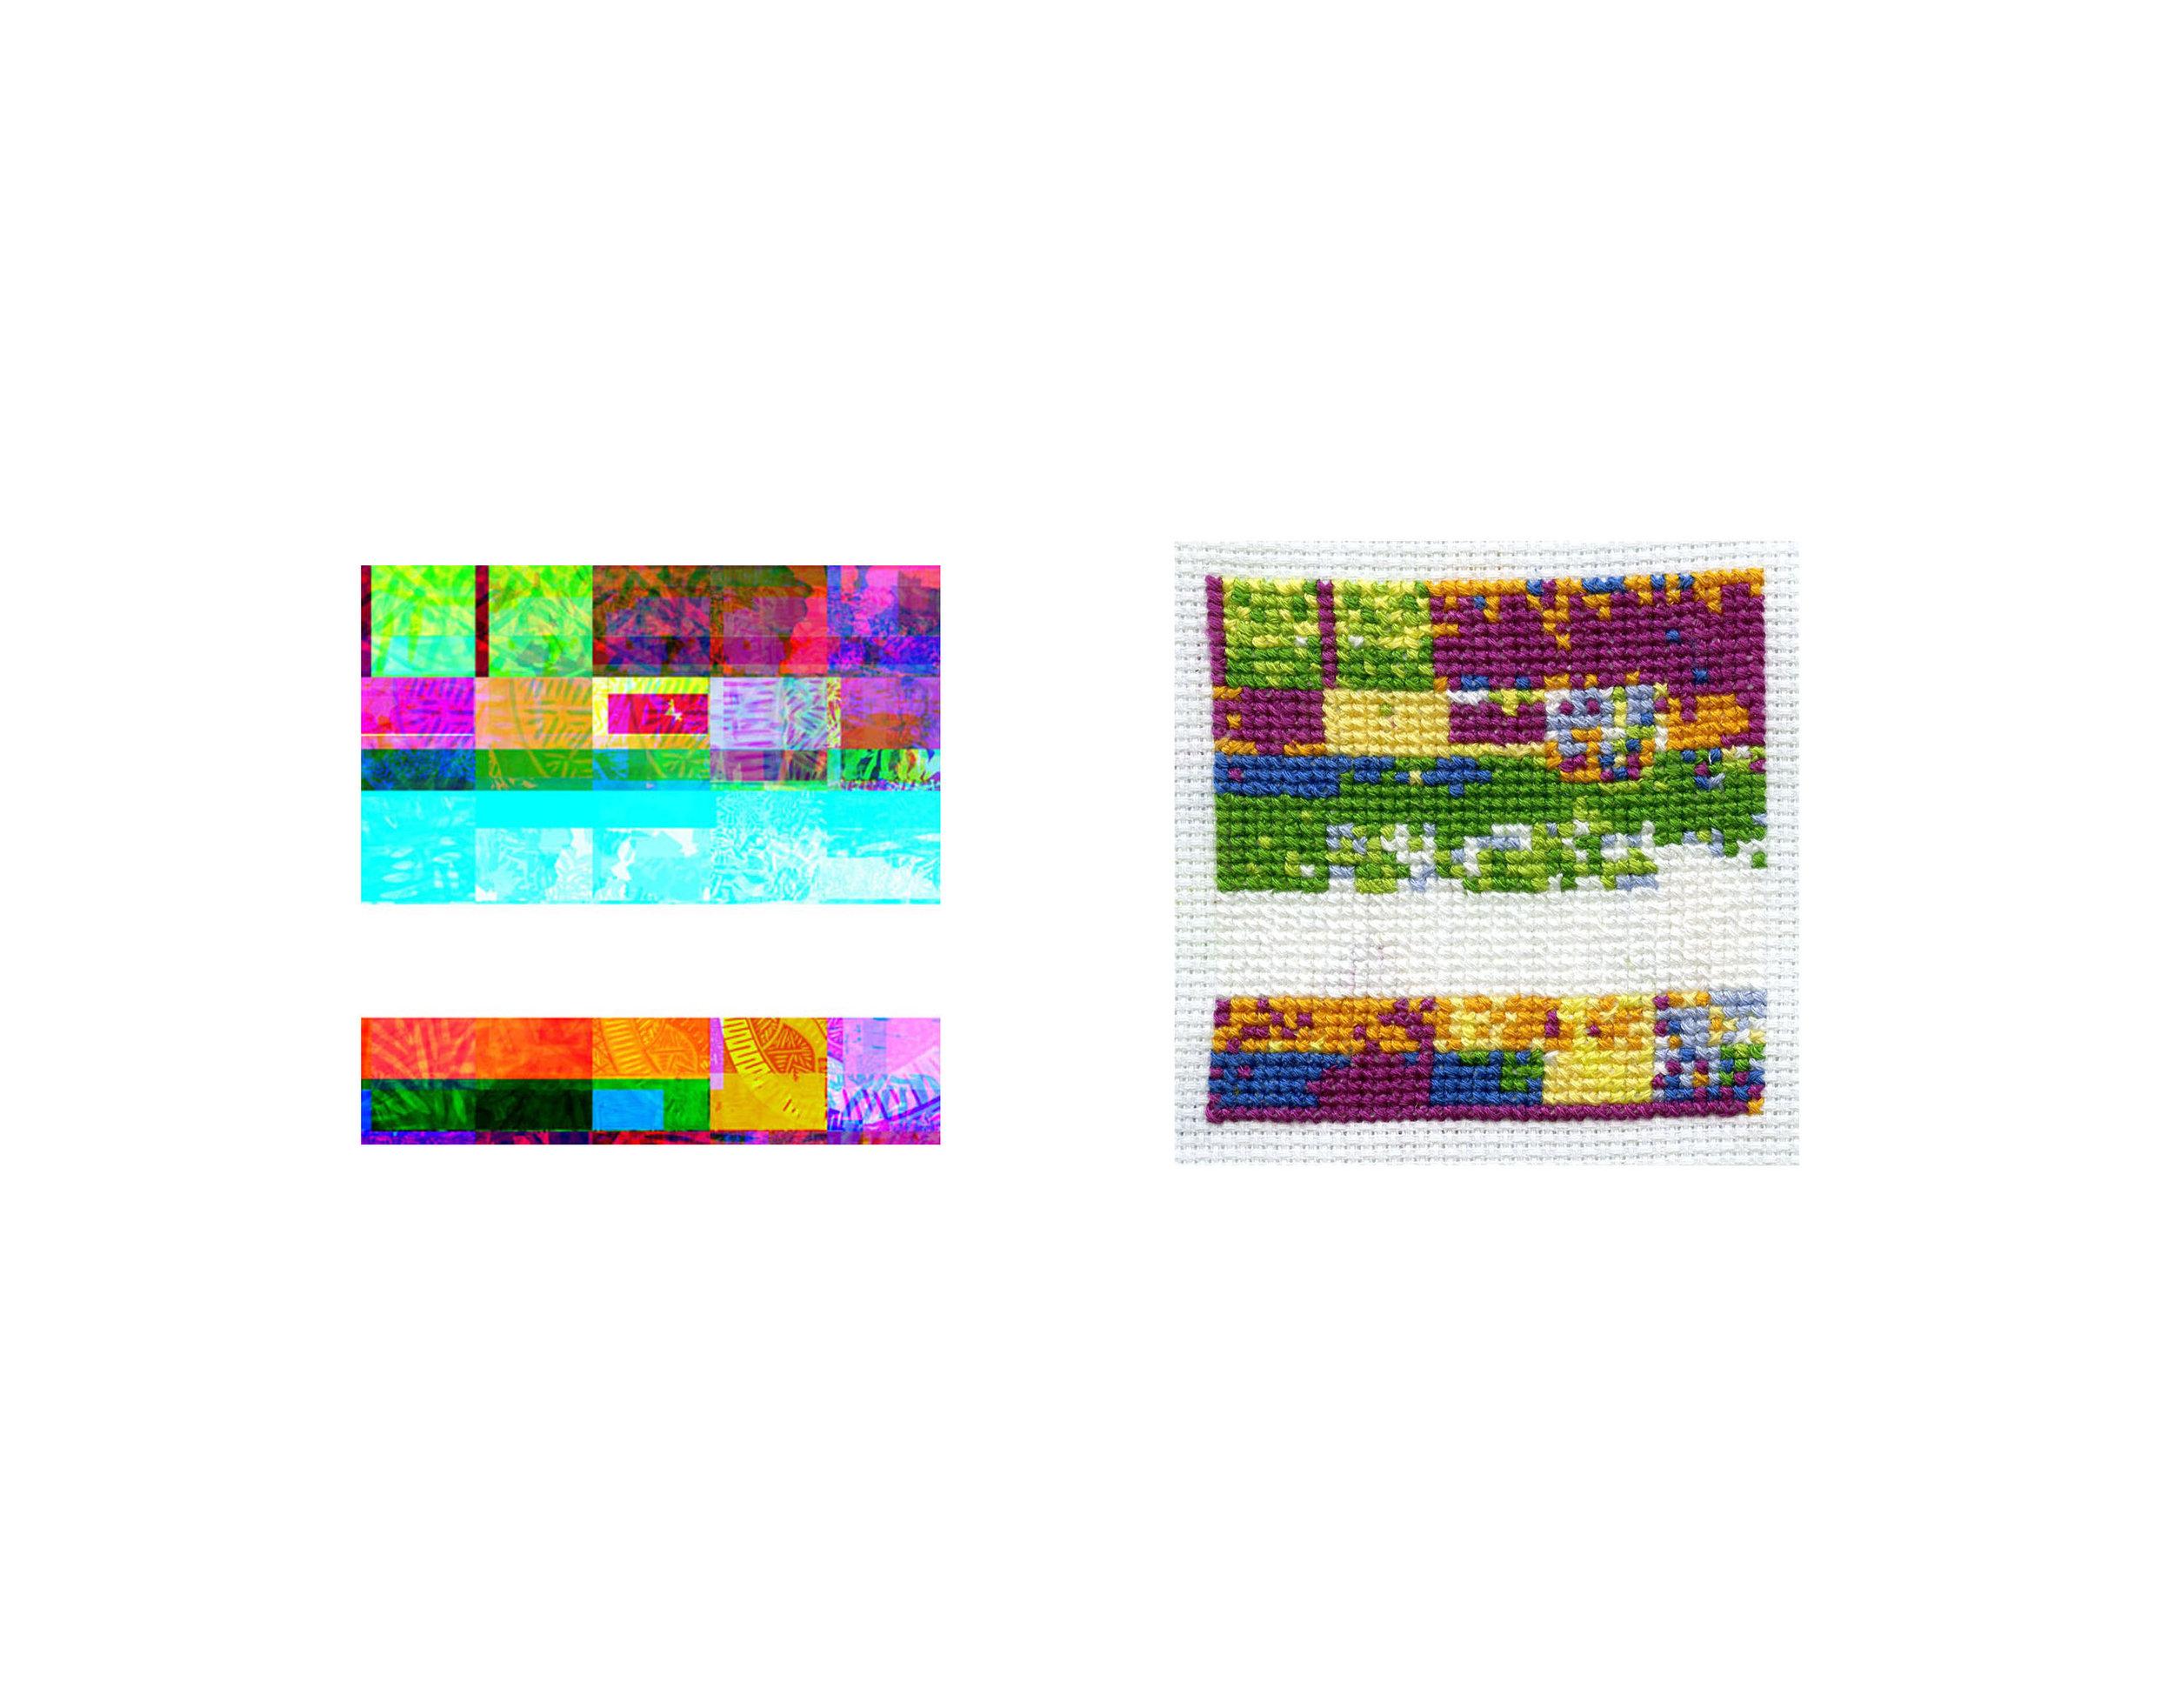 GlitchSeries04 - Crop_7_crop.jpg